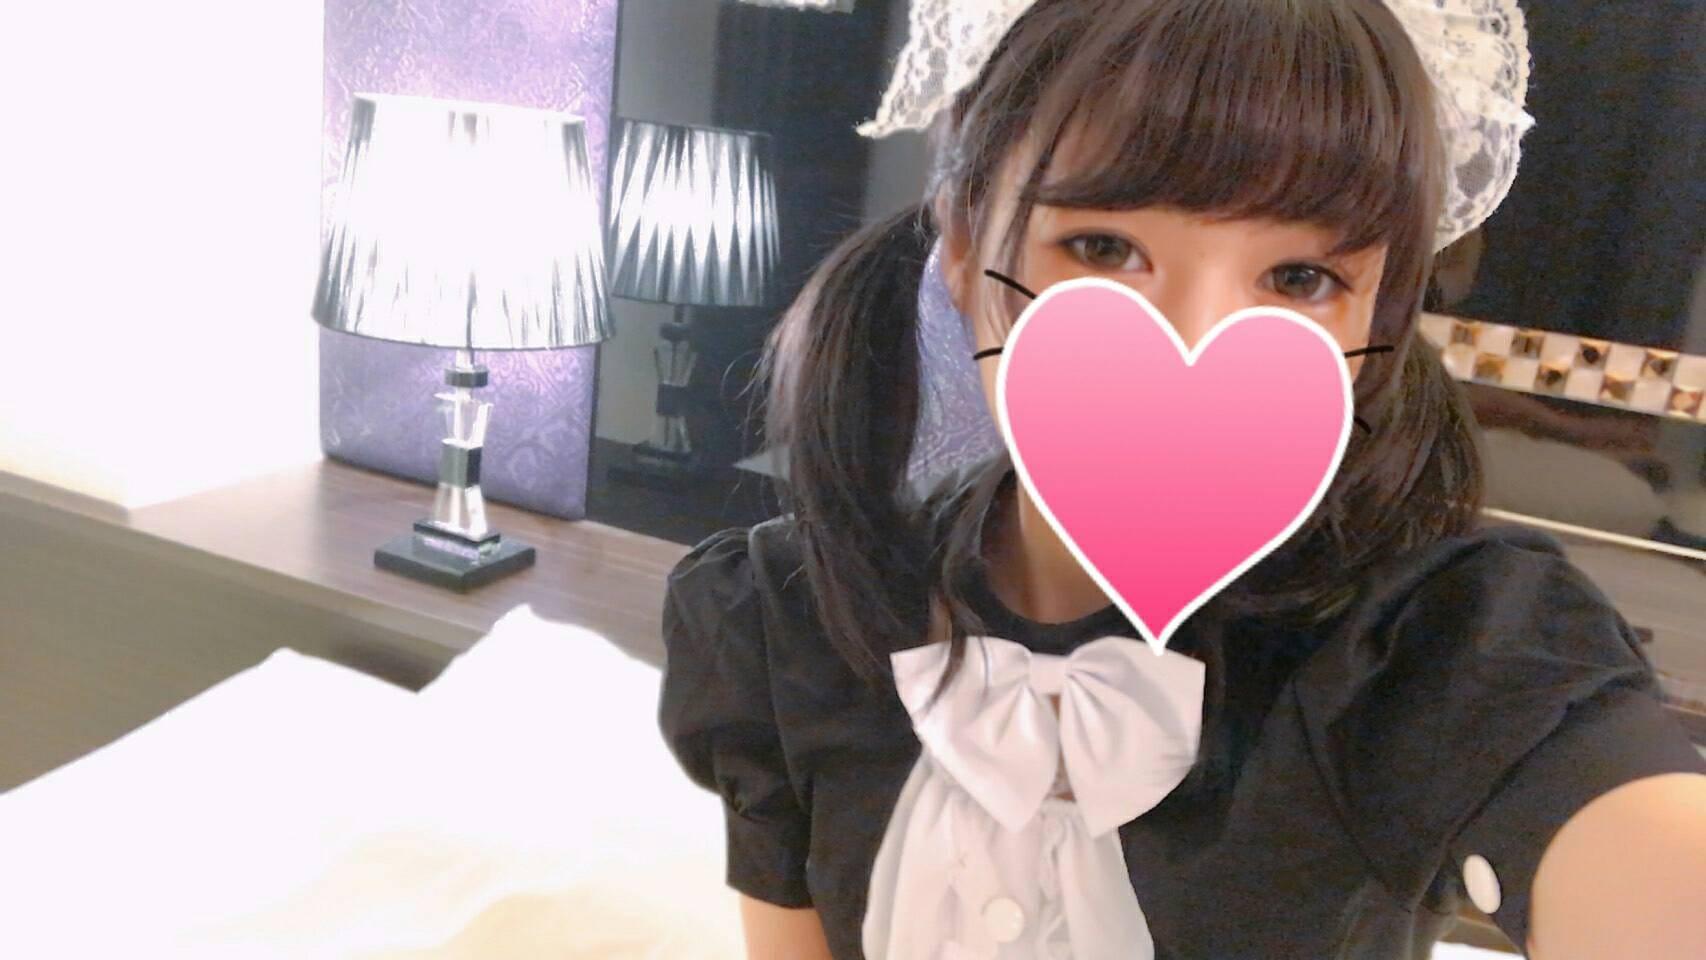 「おしまい☆彡」11/11(11/11) 04:19 | ゆず-yuzu-の写メ・風俗動画